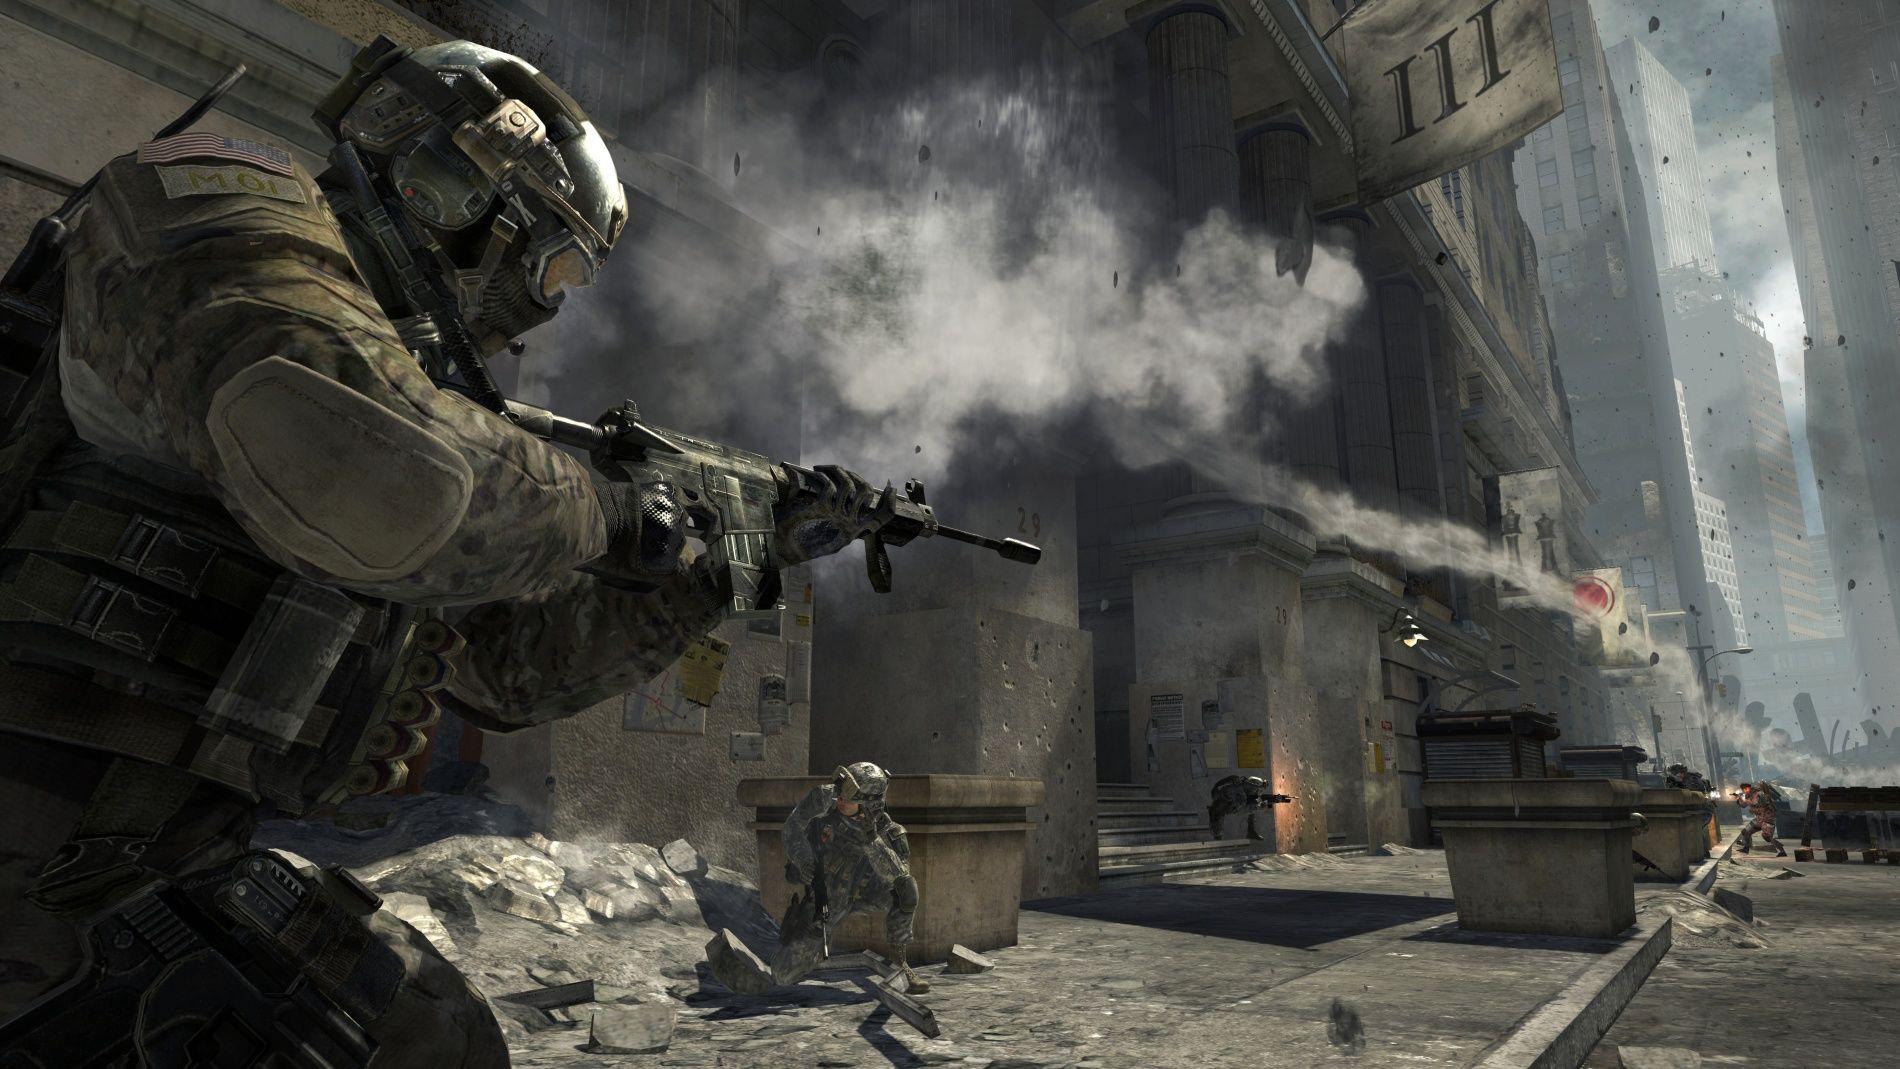 Call Of Duty Modern Warfare 3 Modern Warfare Call Of Duty Warfare Call Of Duty